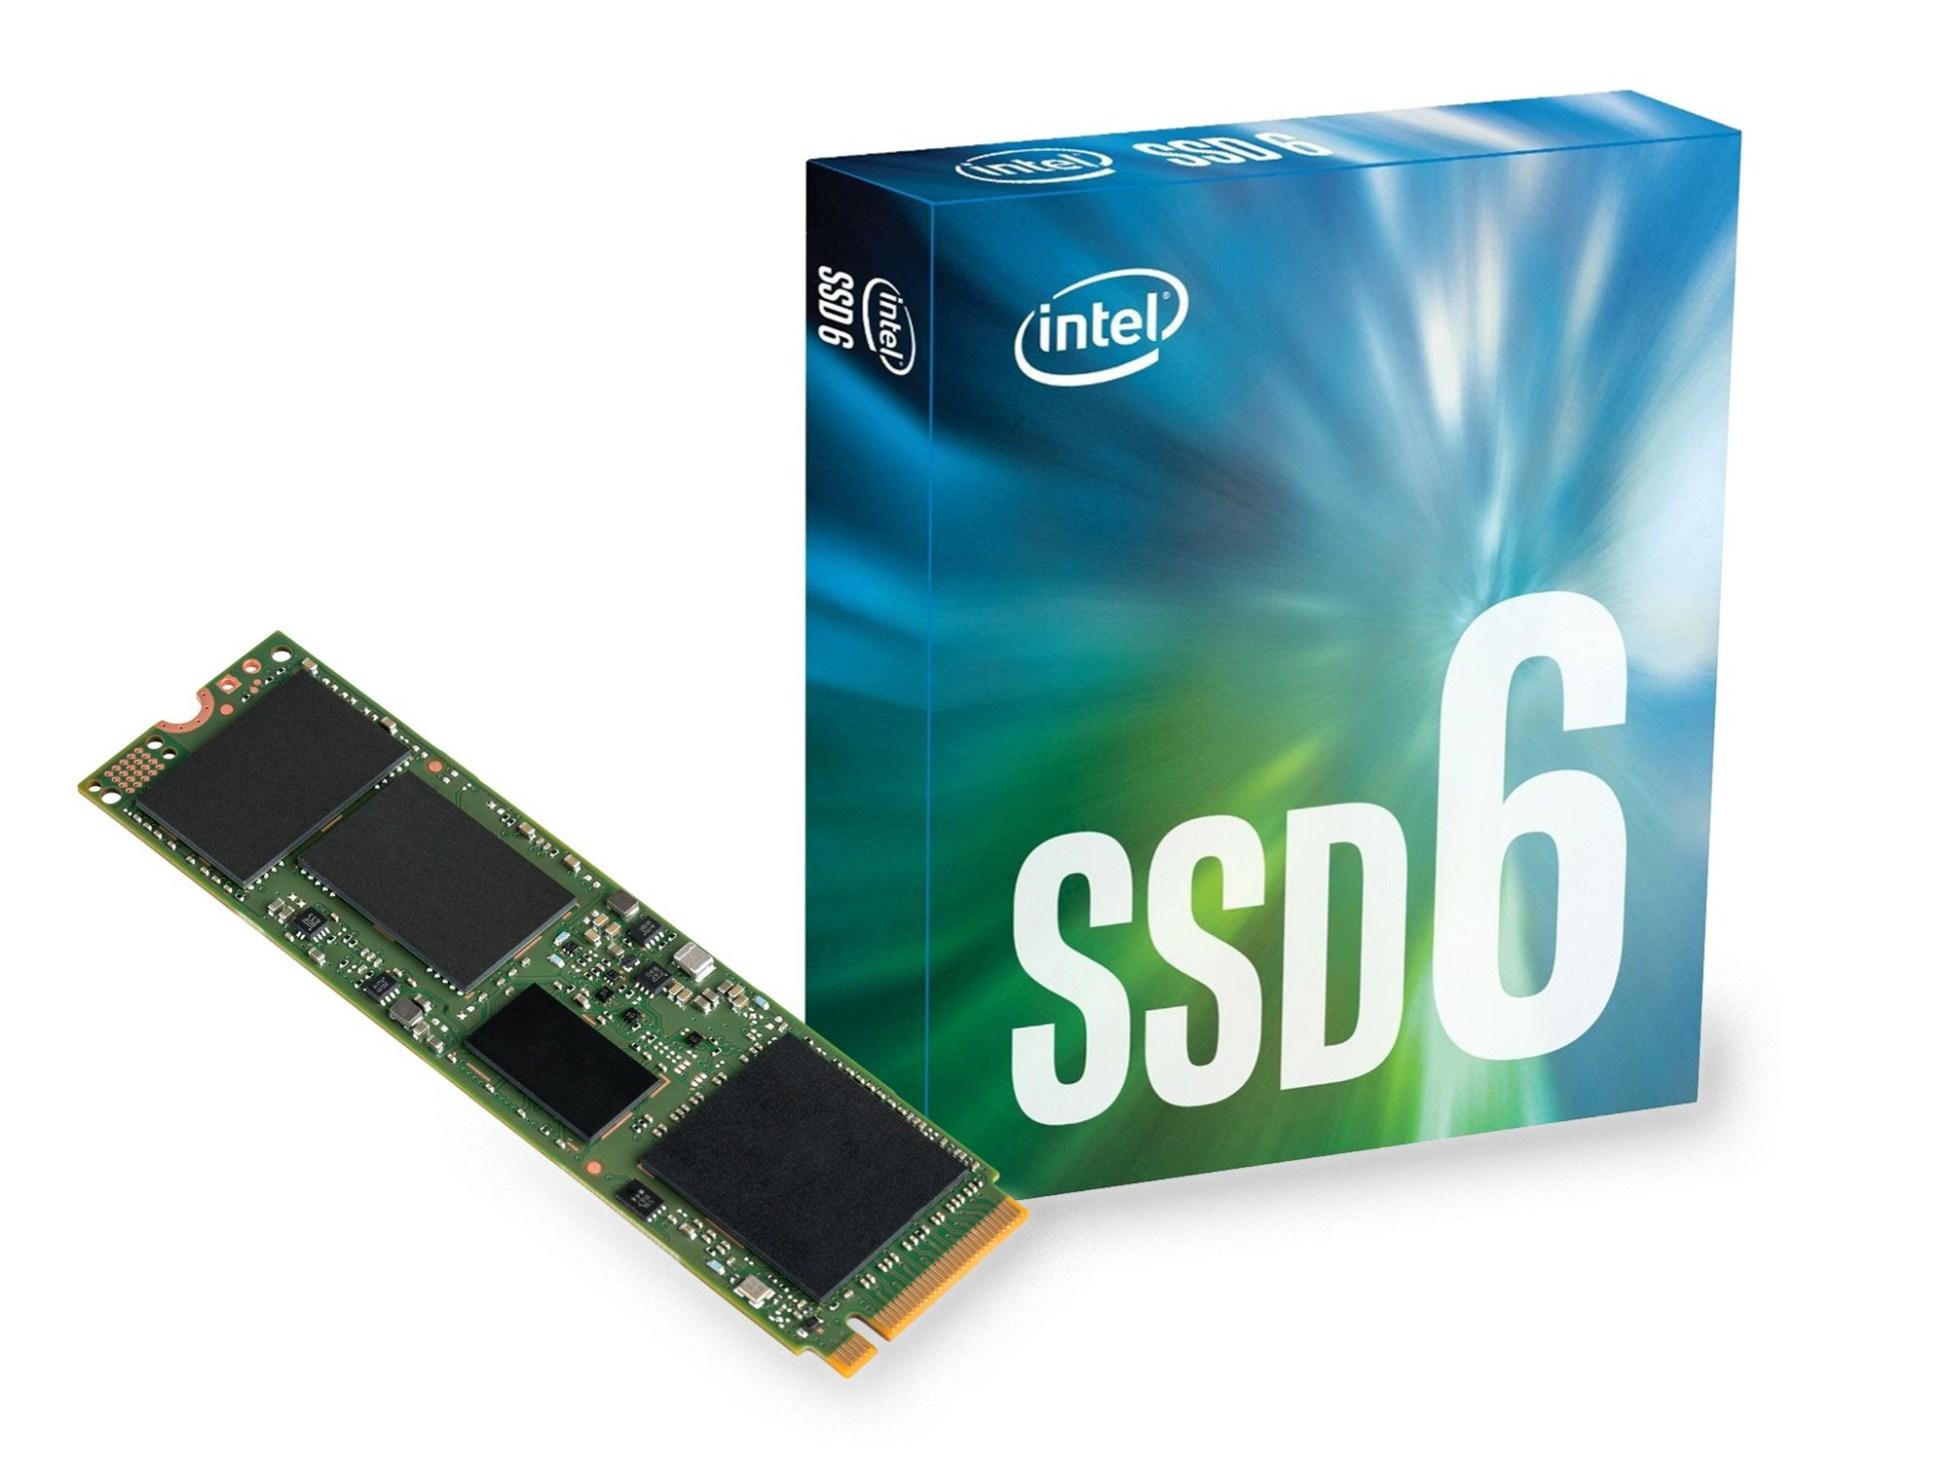 Toshiba THNSN5128GPU7 SSD Festplatte 128GB (M.2 22 x 80 mm) PCIe NVMe 3.0 x4